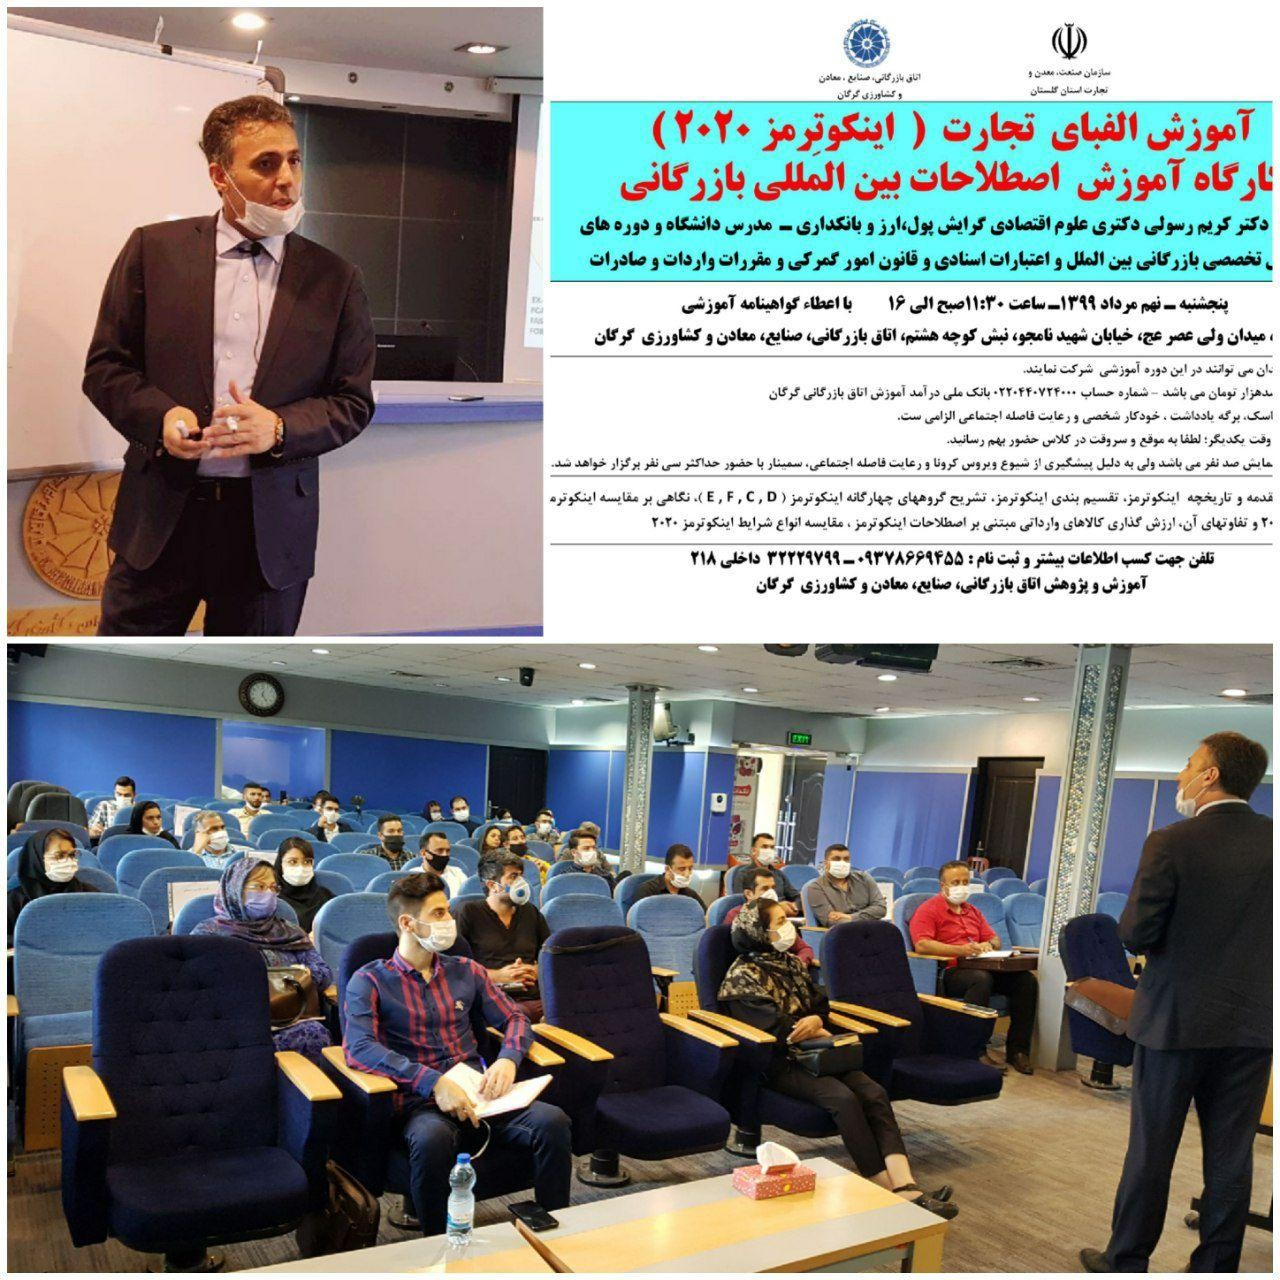 کلاس آموزشی آشنایی با اصطلاحات تجاری یا بعبارتی  الفبای تجارت-اینکوترمز